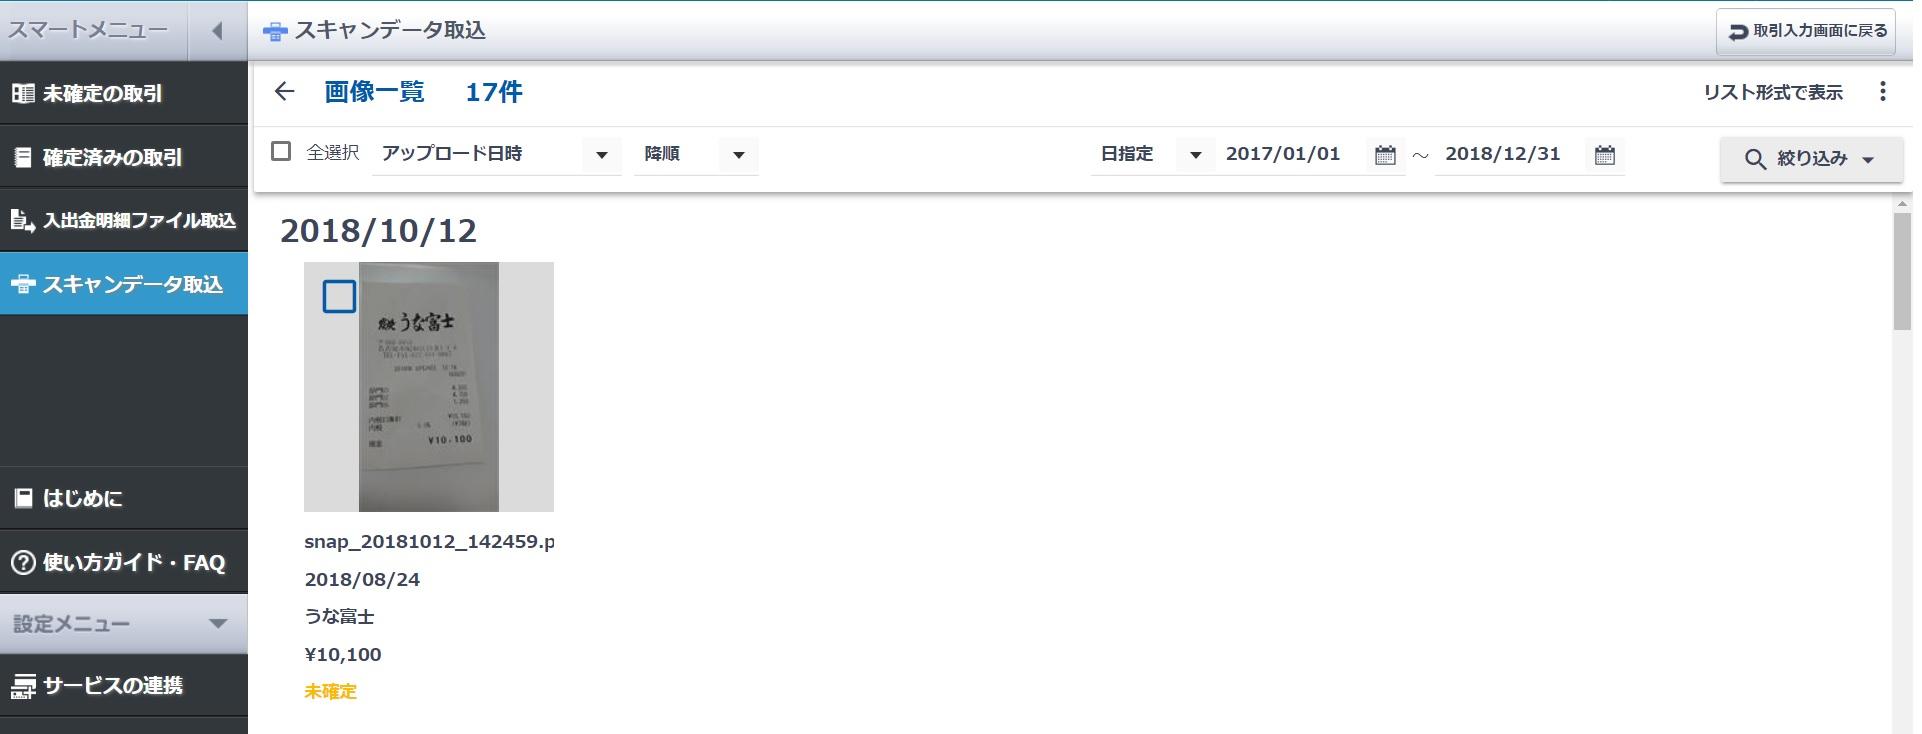 やよいの青色申告オンライン スキャンデータ画像一覧